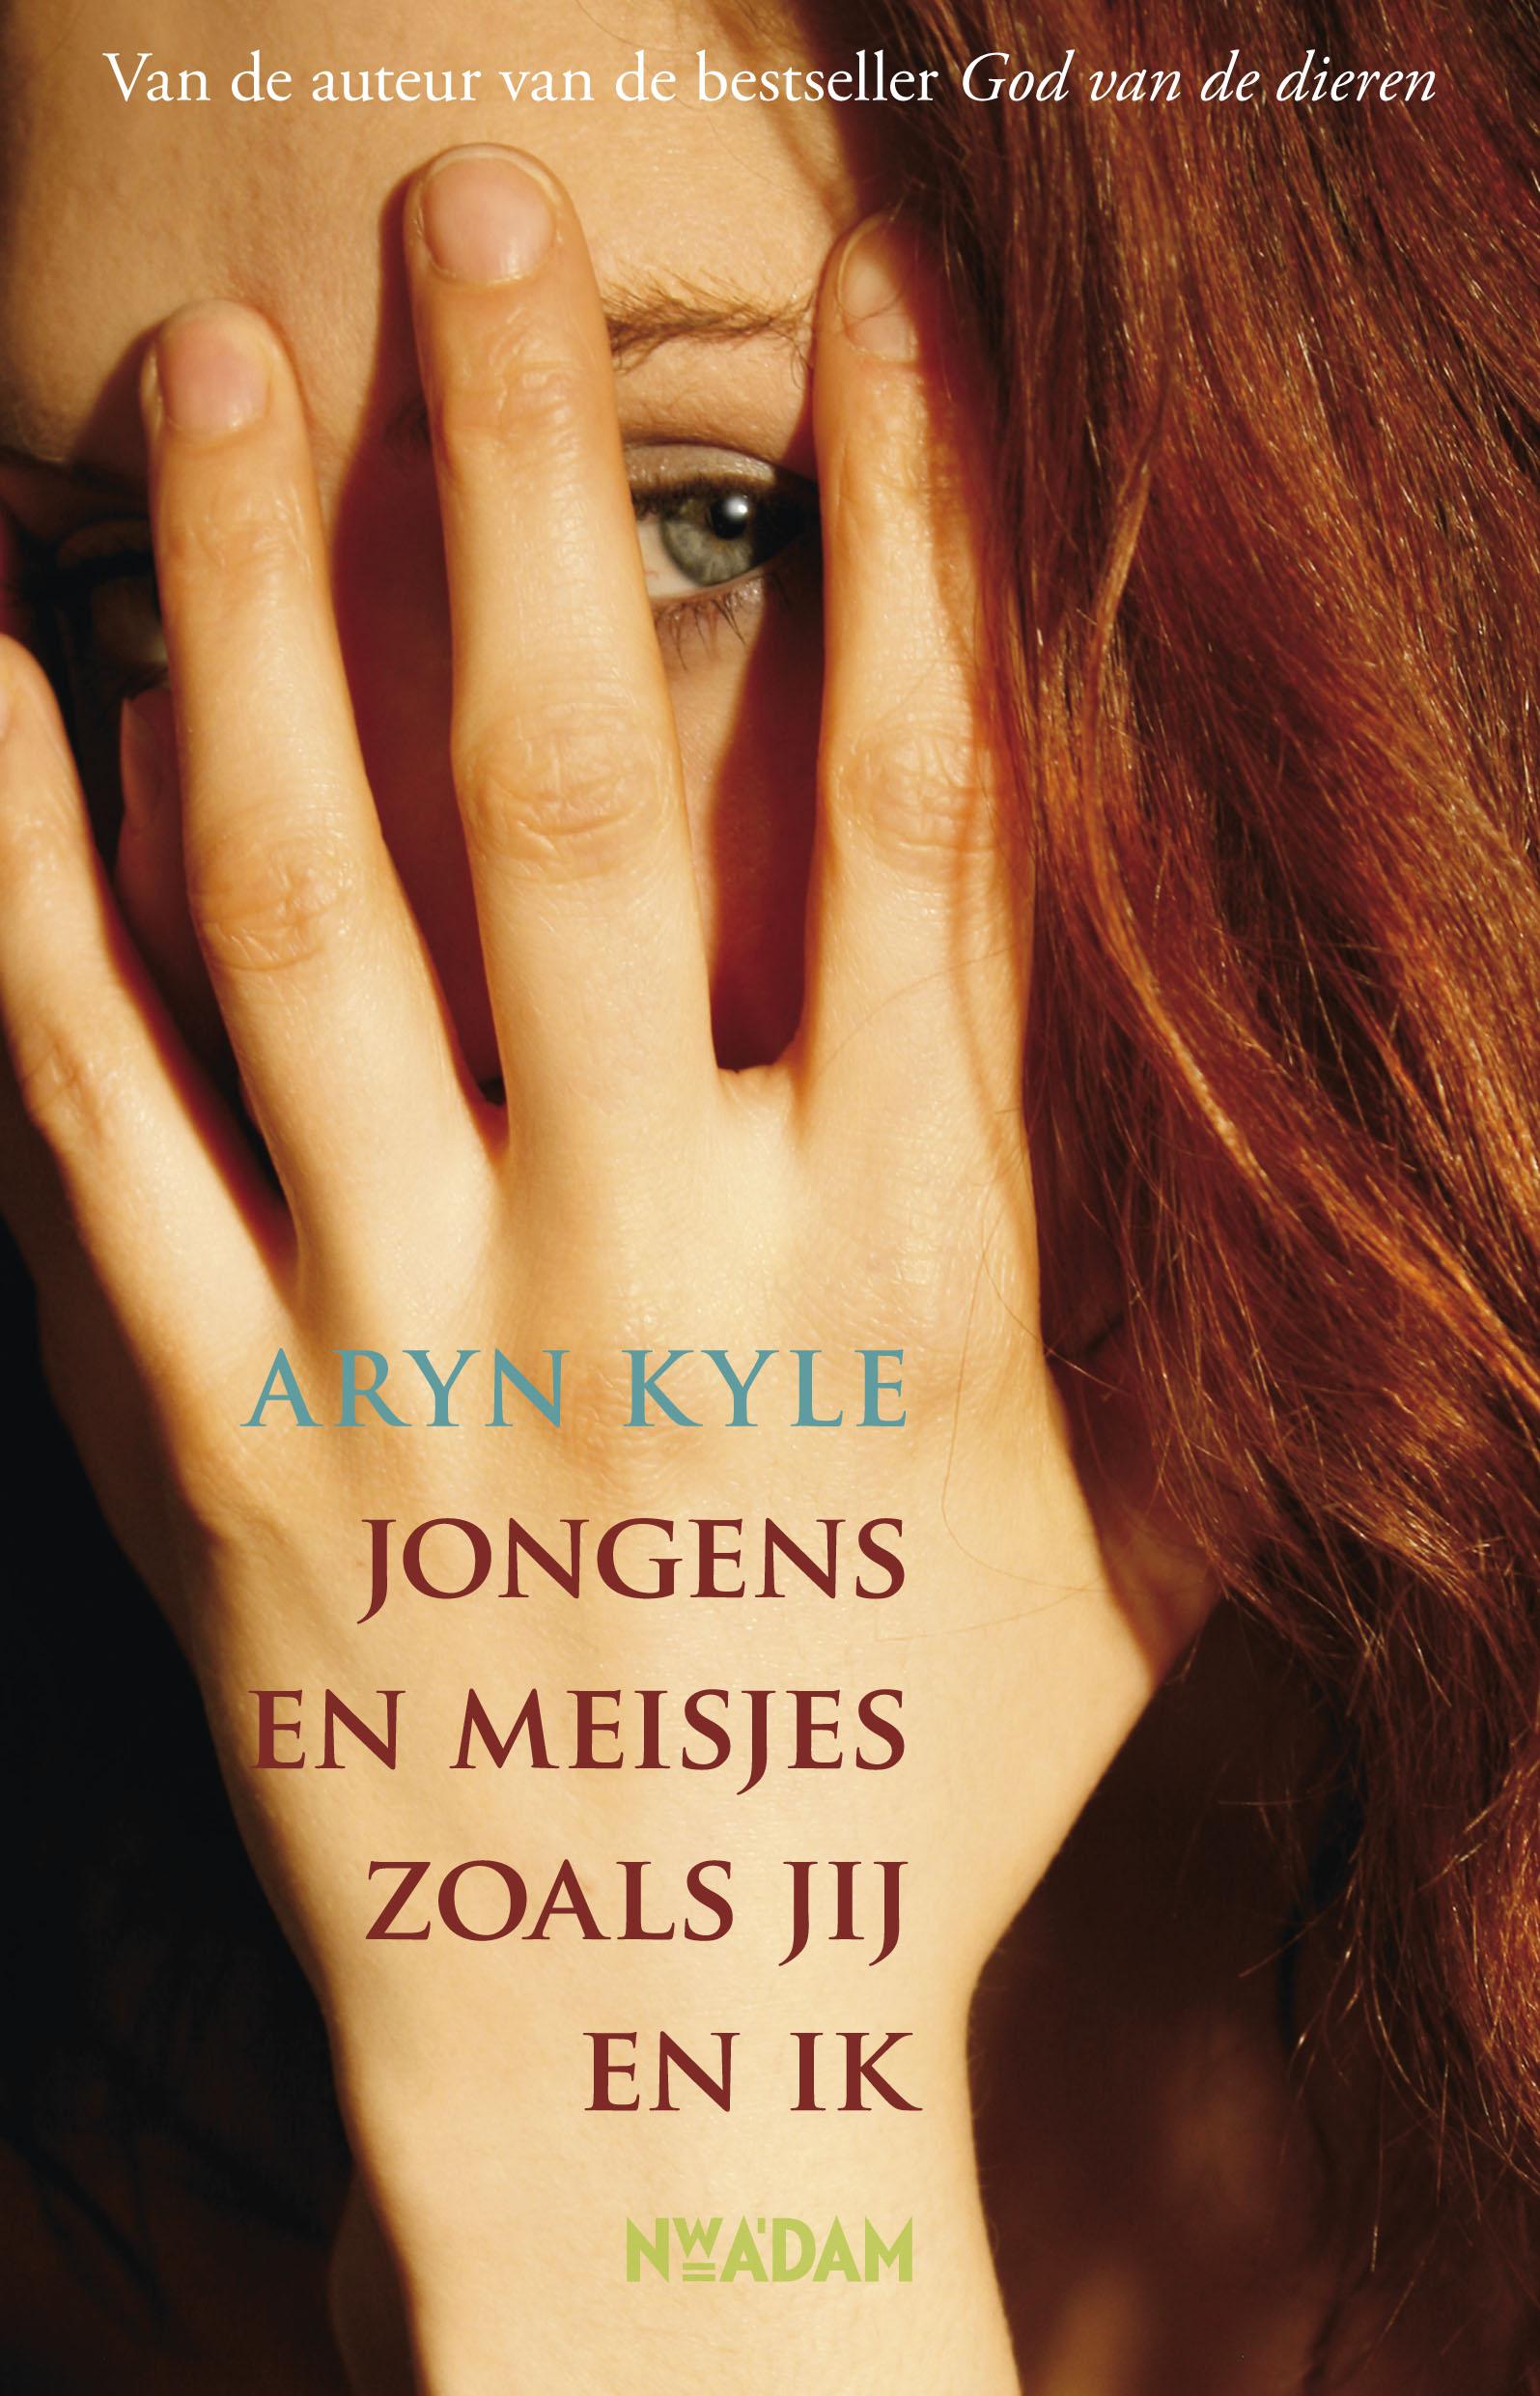 Jongens en meisjes zoals jij en ik – Aryn Kyle